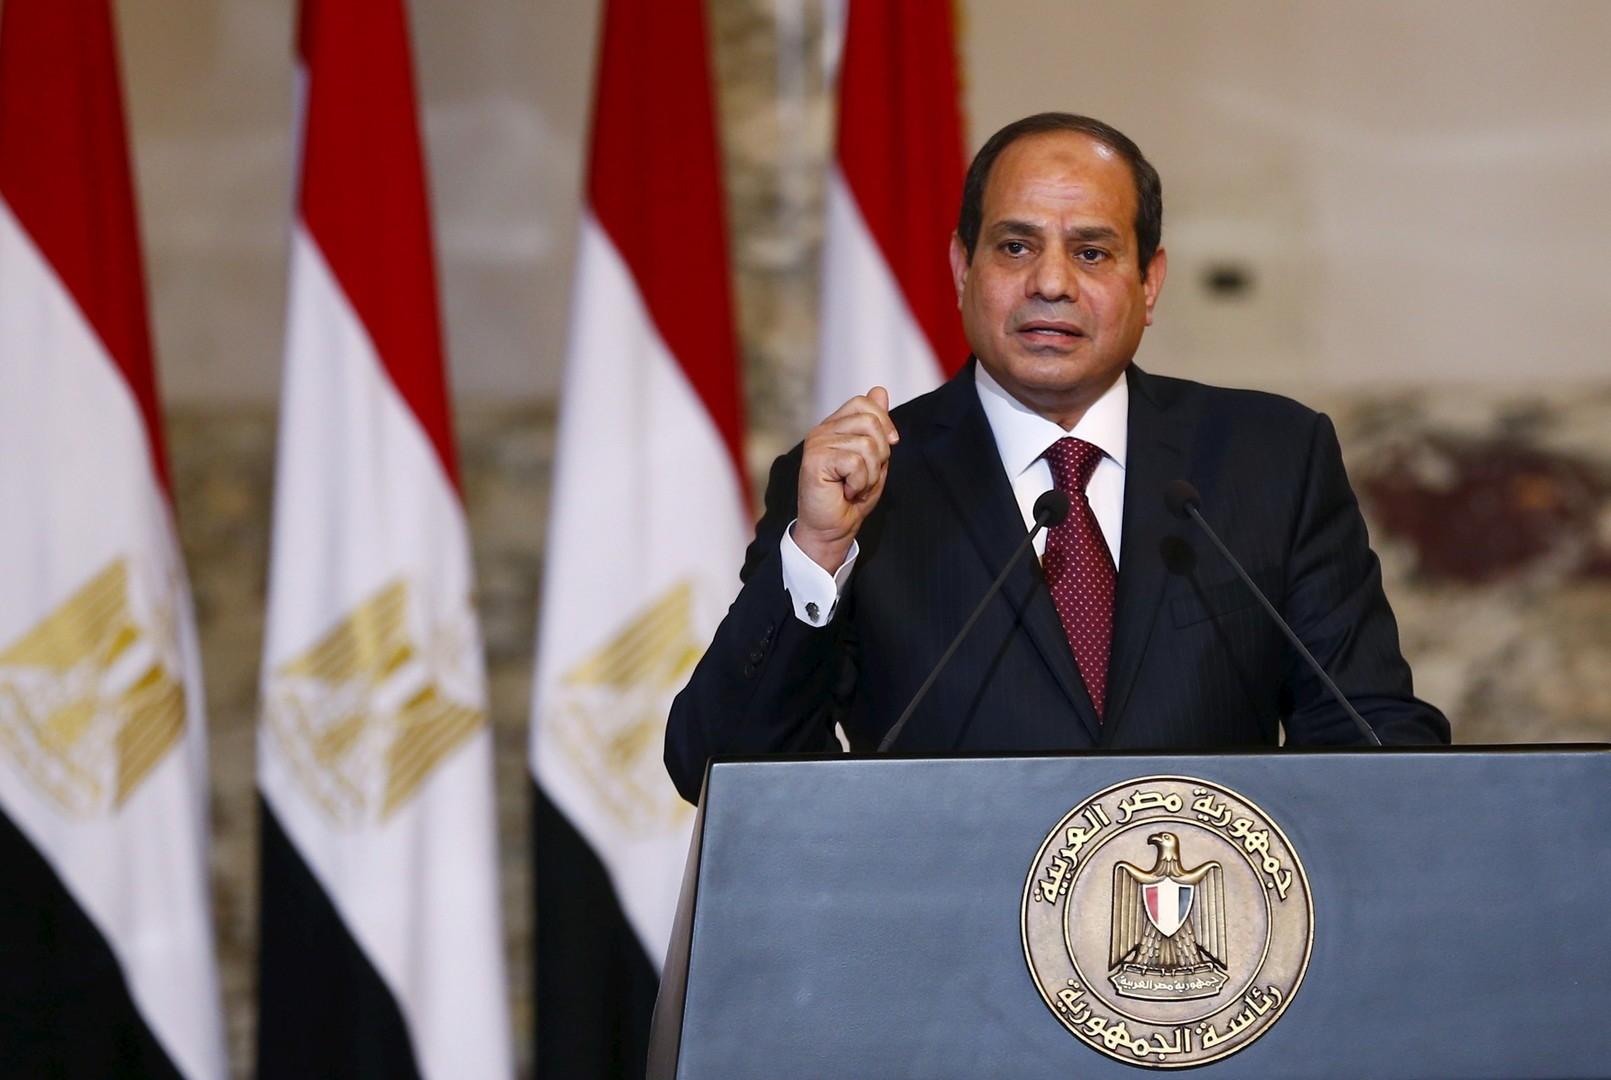 الرئيس المصري يصدر قرارا بتمديد حالة الطوارئ